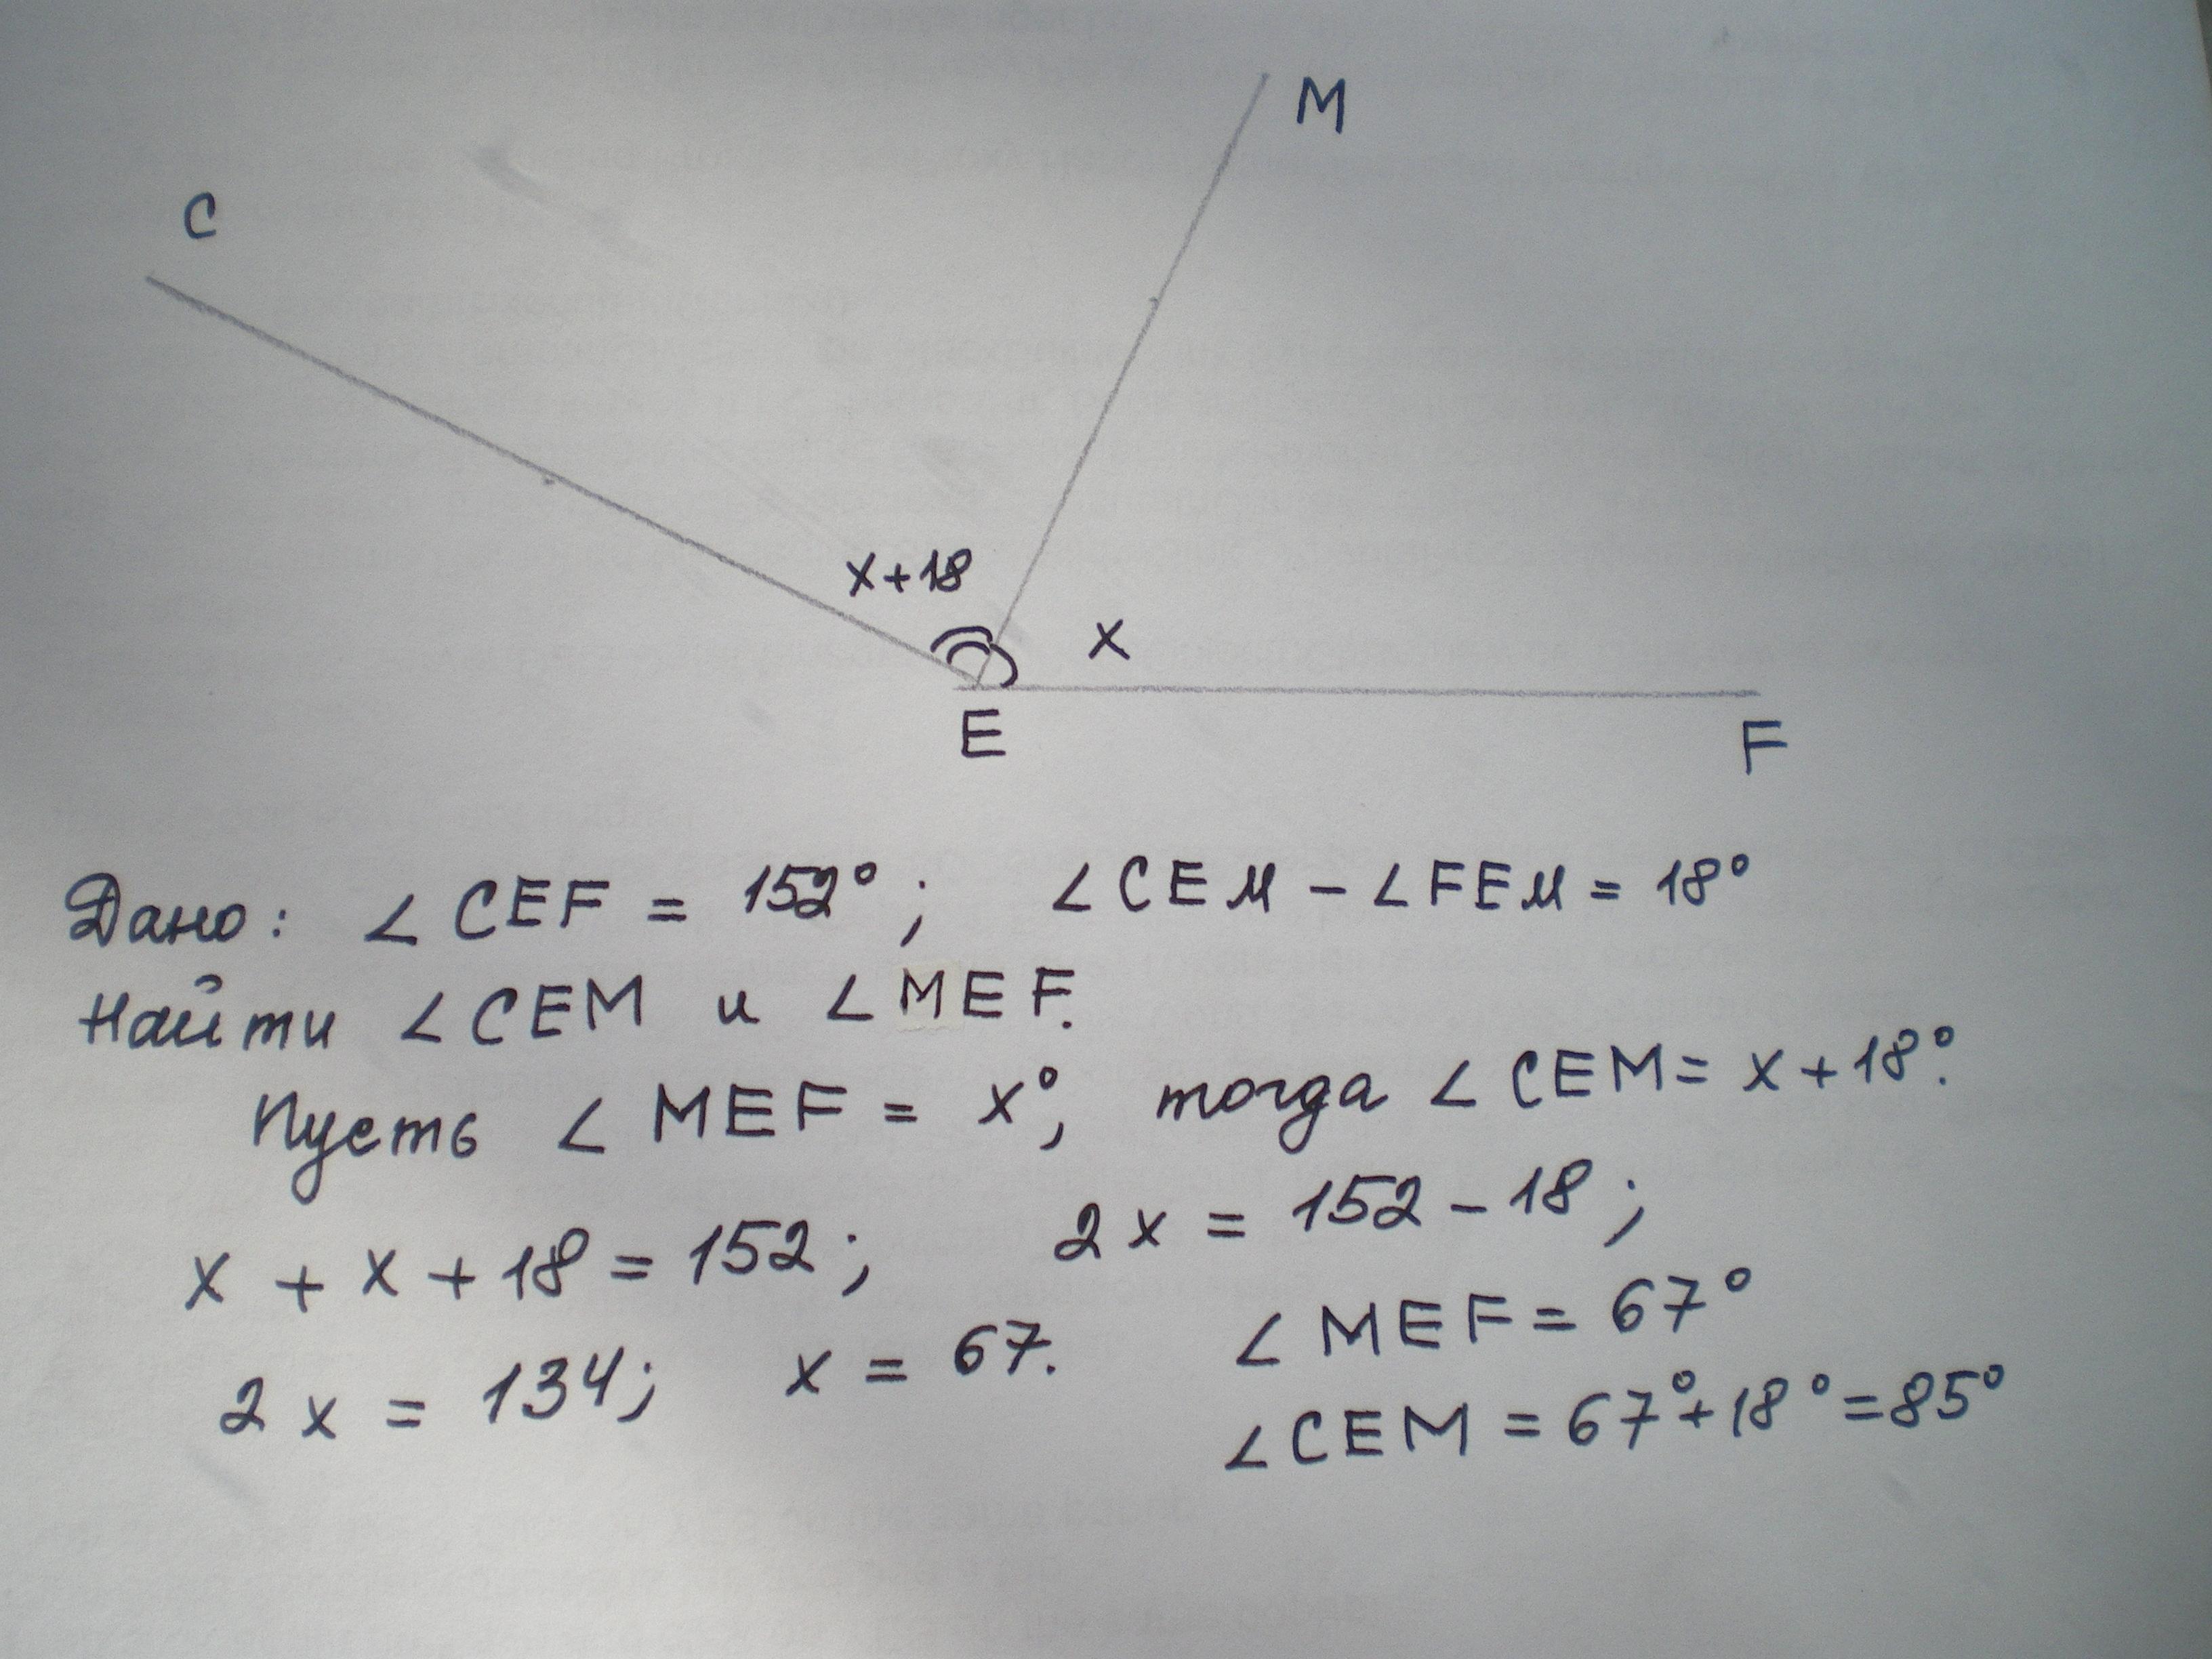 угол CEF равен 152° ,луч EM проходит между его сторонами ...